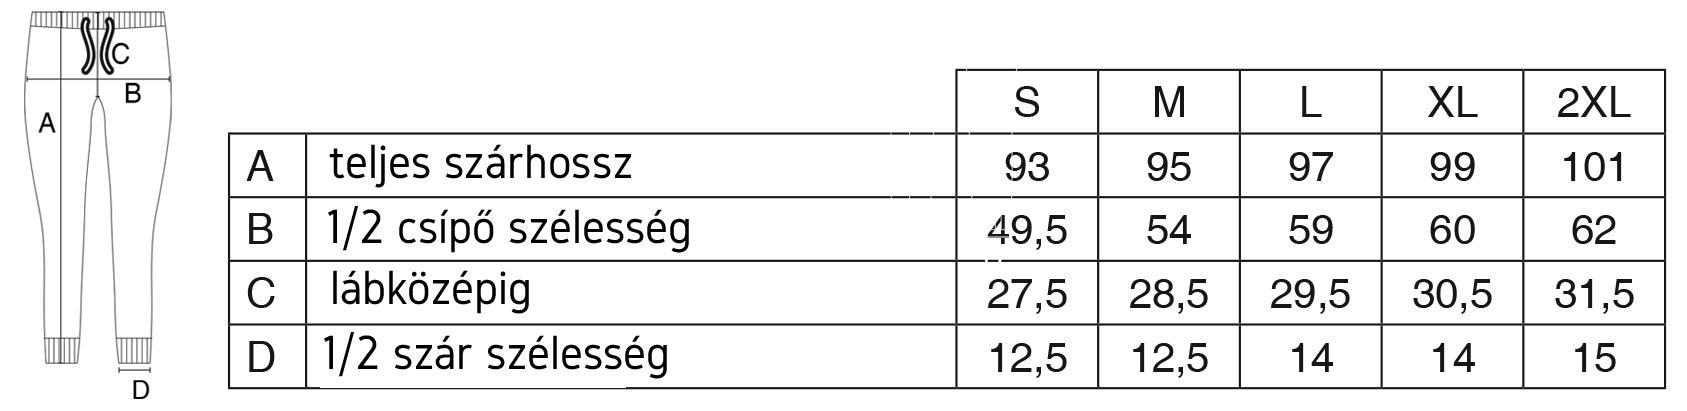 Melegítő nadrág mérettáblázat - Izomplaza.hu Testépítők Webáruháza d98512e423